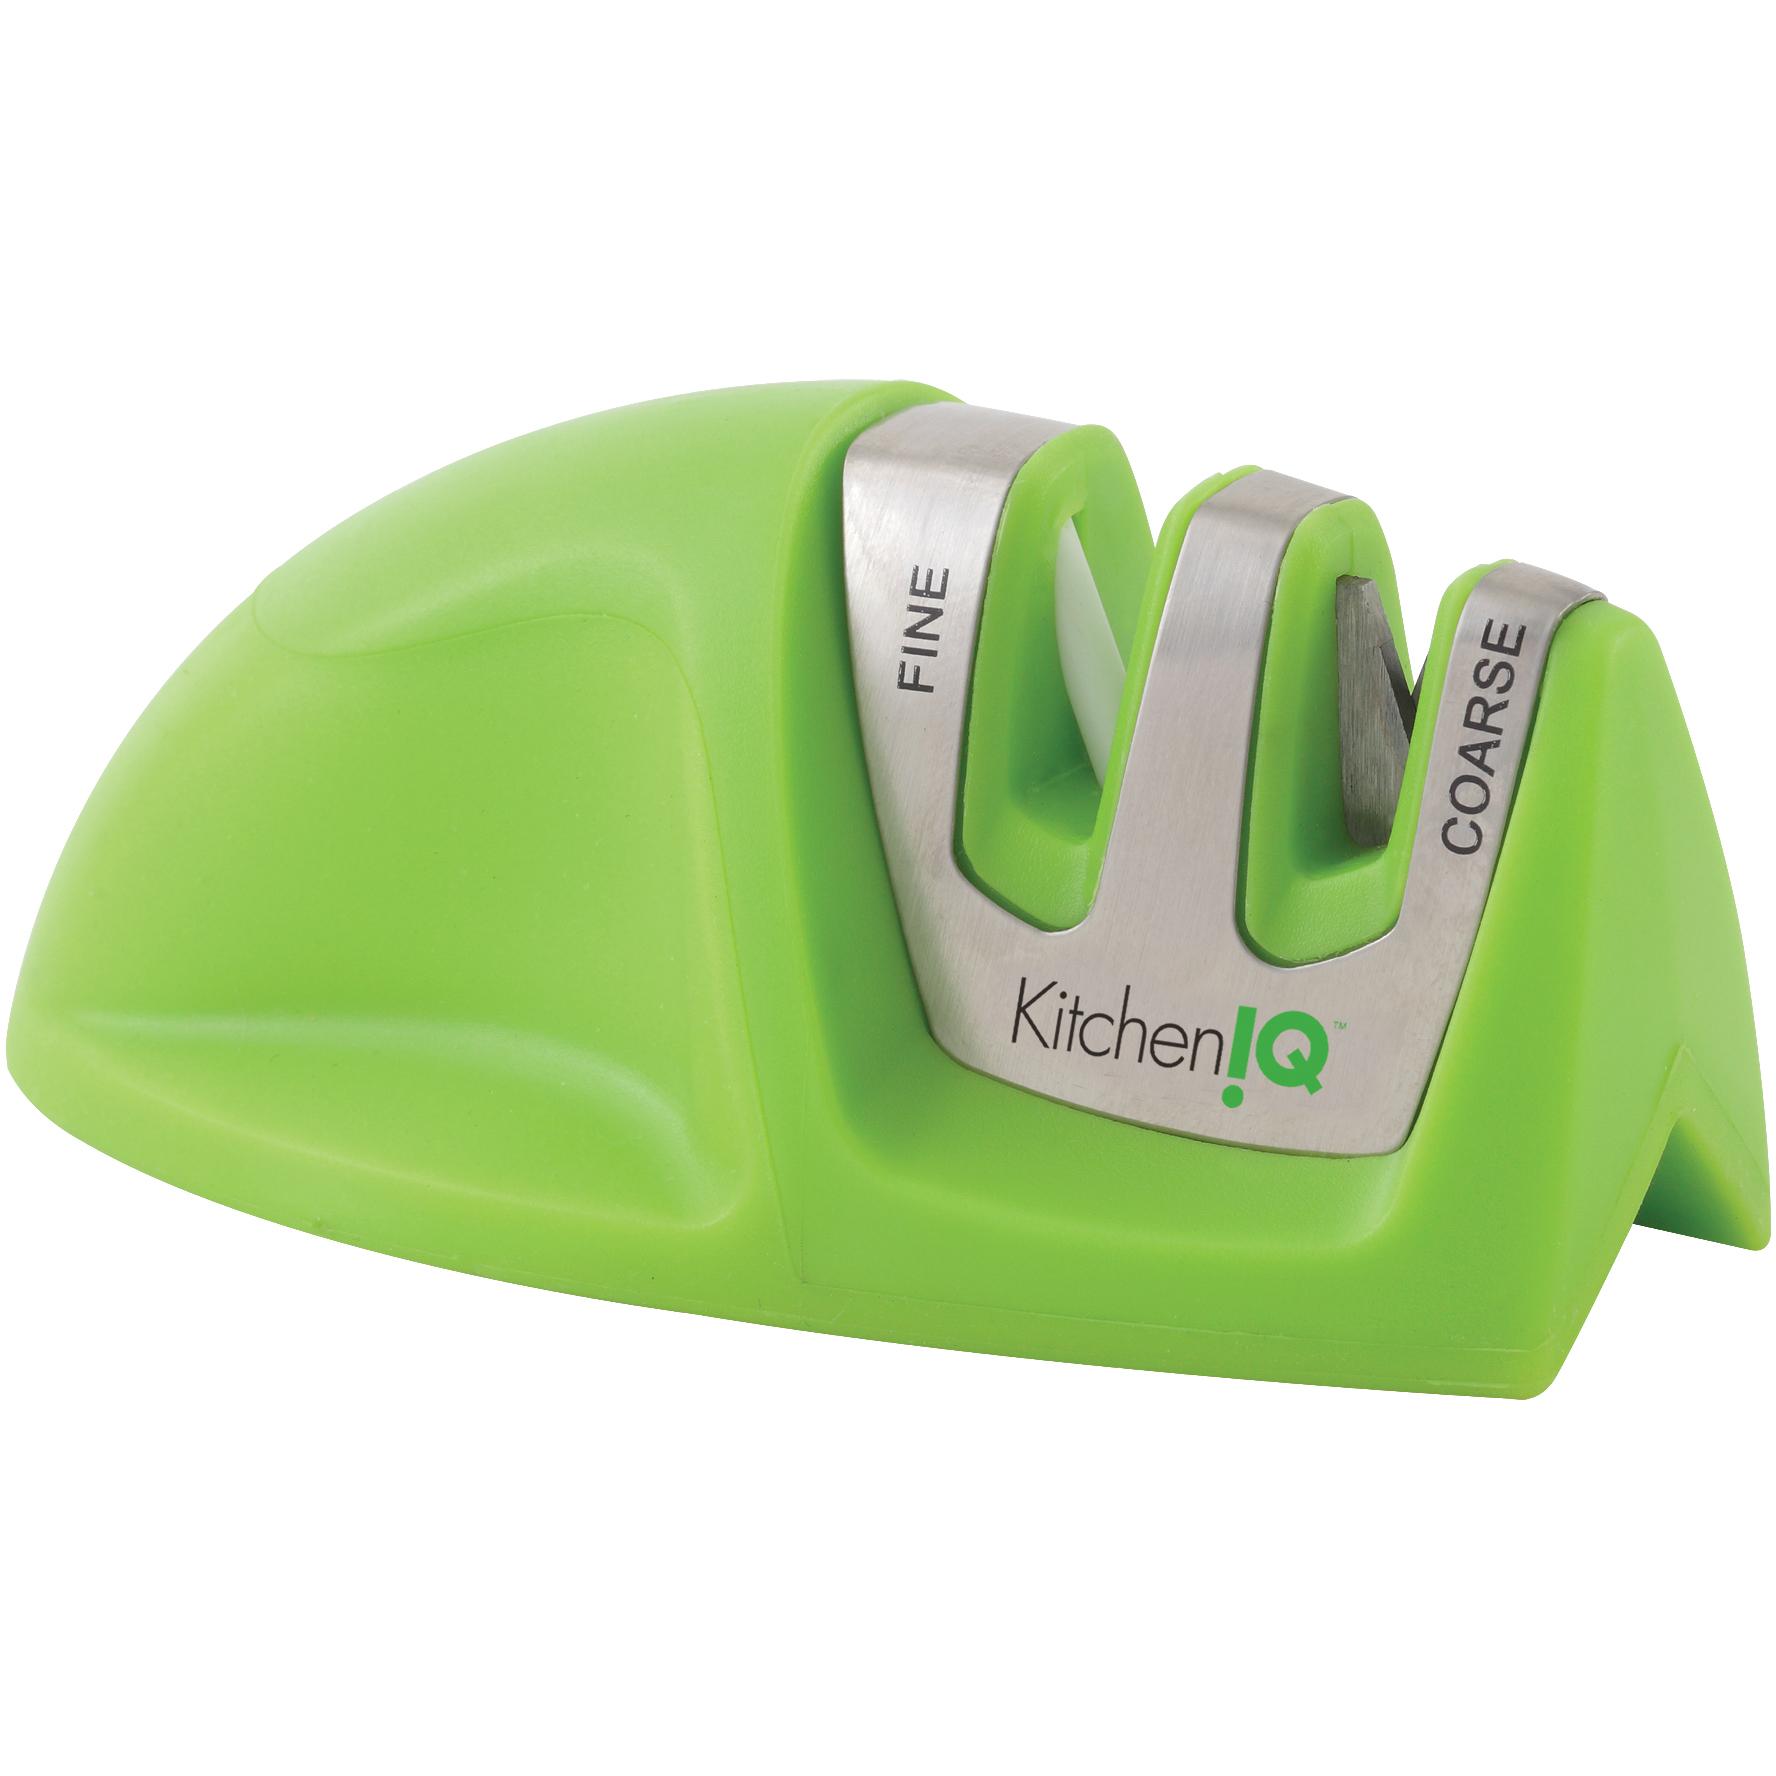 Smith's KitchenIQ Manual Green Edge Grip 2 Stage Knife Sharpener